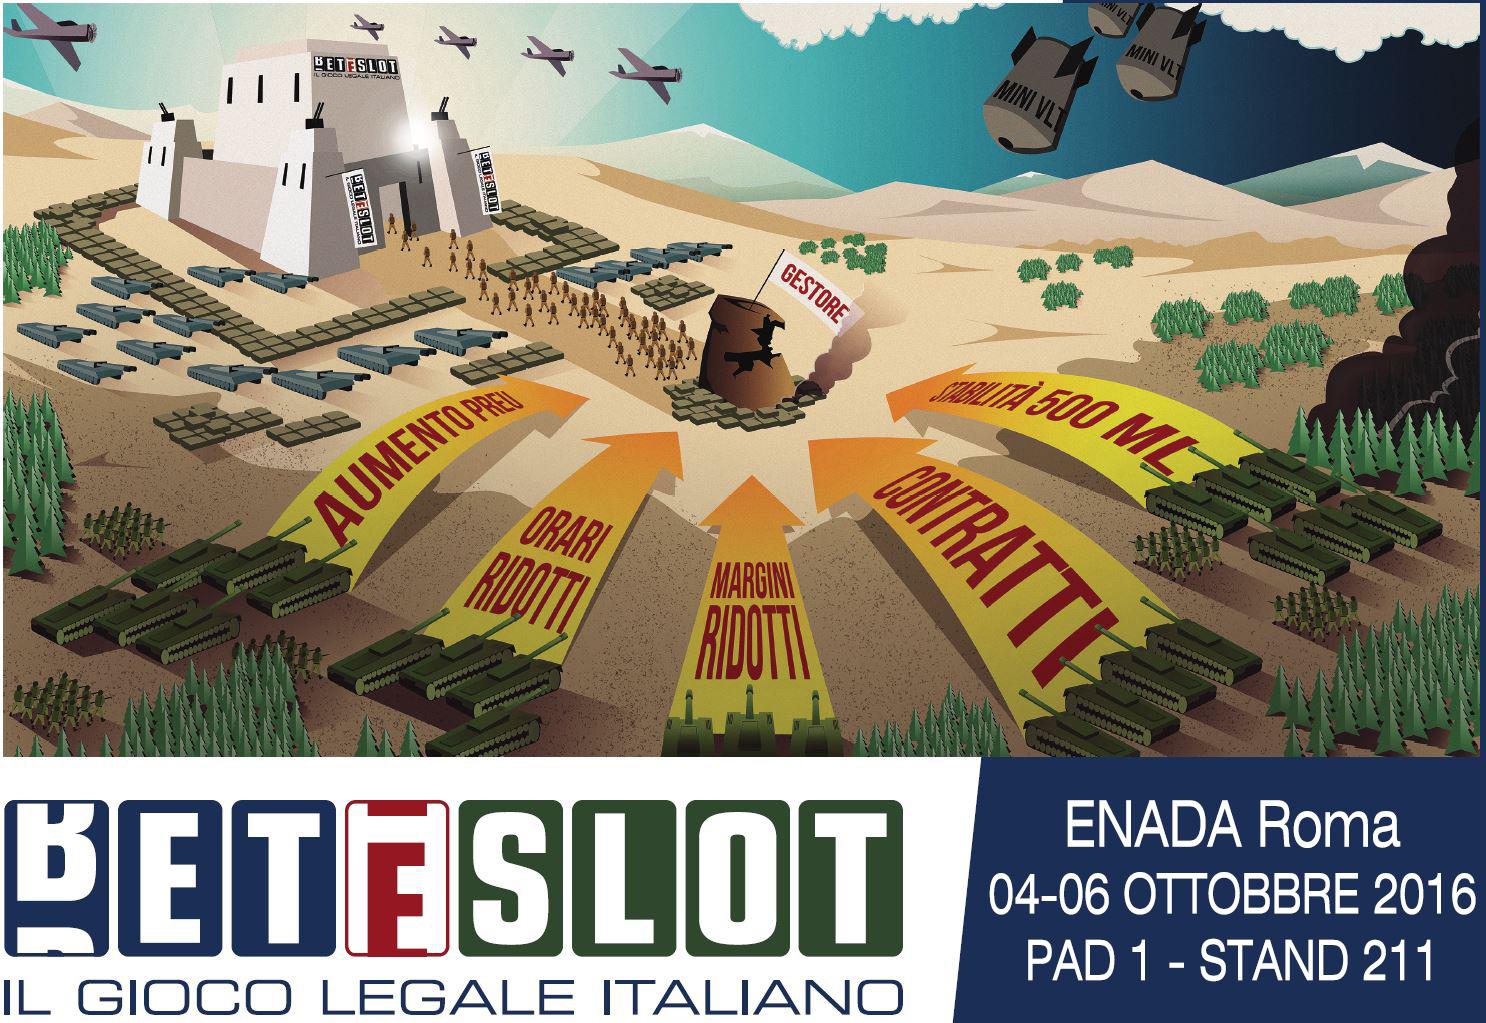 Fumetto-orizontale-Roma-2016-10-06-04